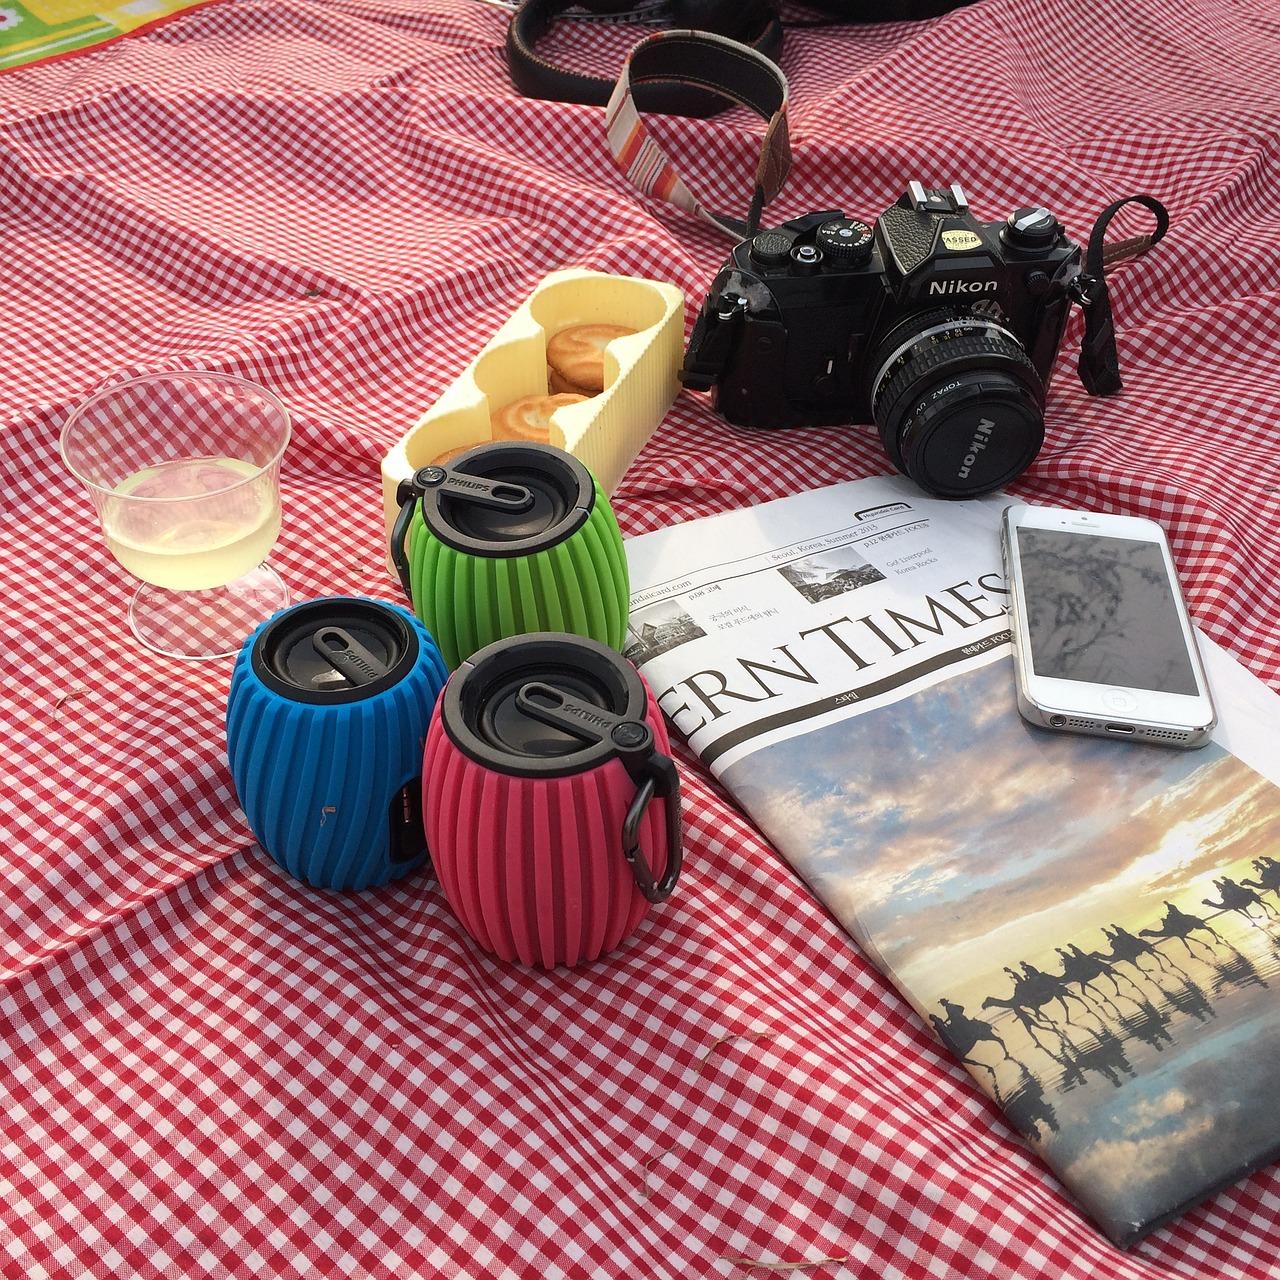 Cinq idées de cadeaux originaux pour les voyageurs